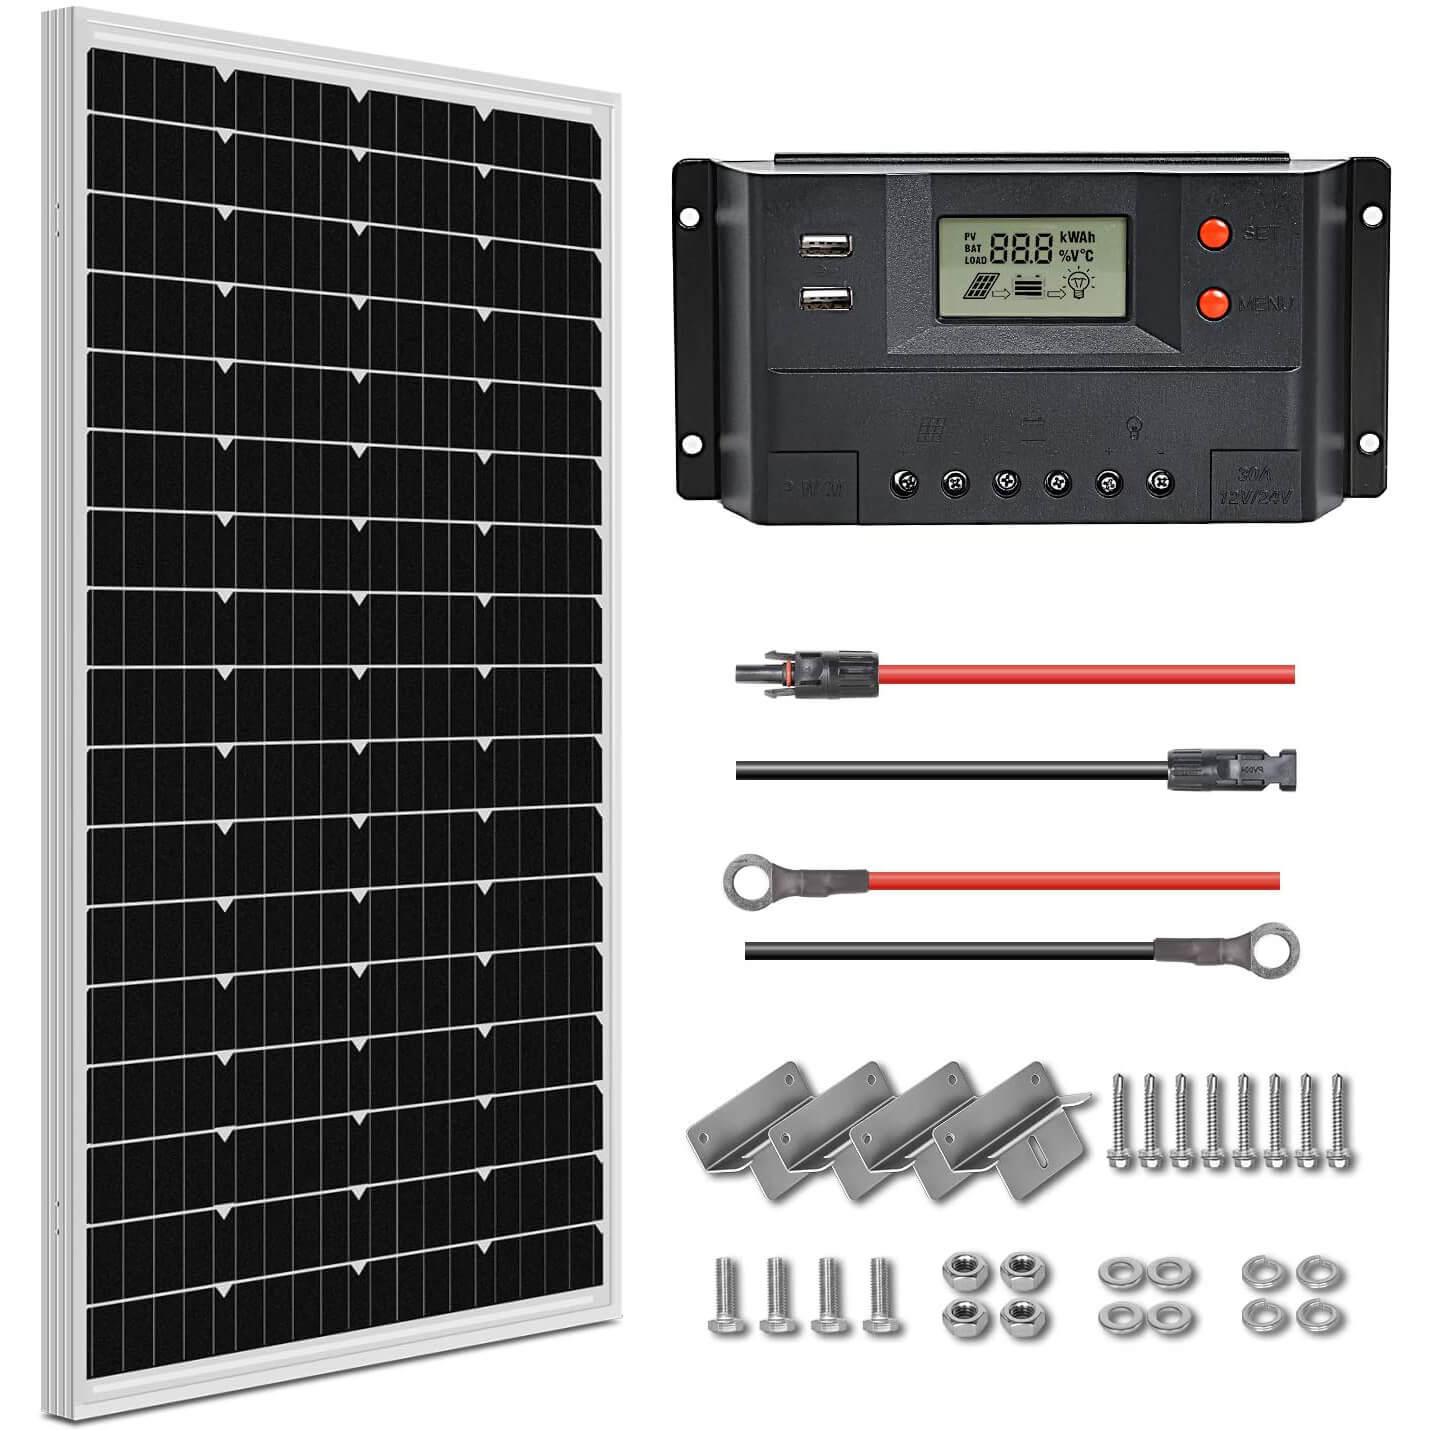 WEIZE 100 Watt 12 Volt Solar Panel Starter Kit